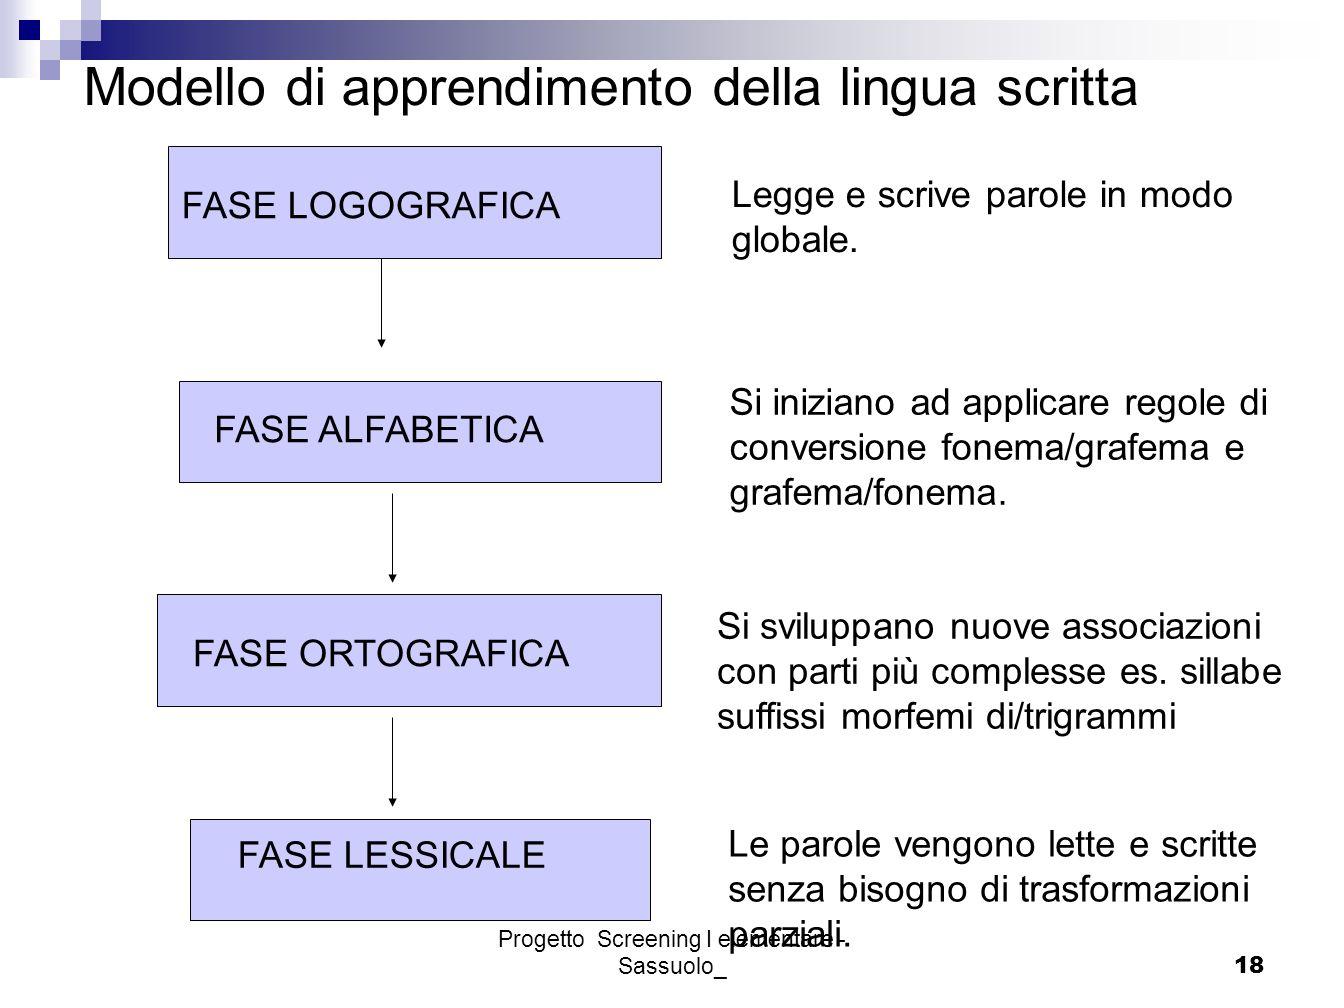 Progetto Screening I elementare - Sassuolo_18 FASE LOGOGRAFICA FASE ALFABETICA FASE ORTOGRAFICA FASE LESSICALE Modello di apprendimento della lingua s